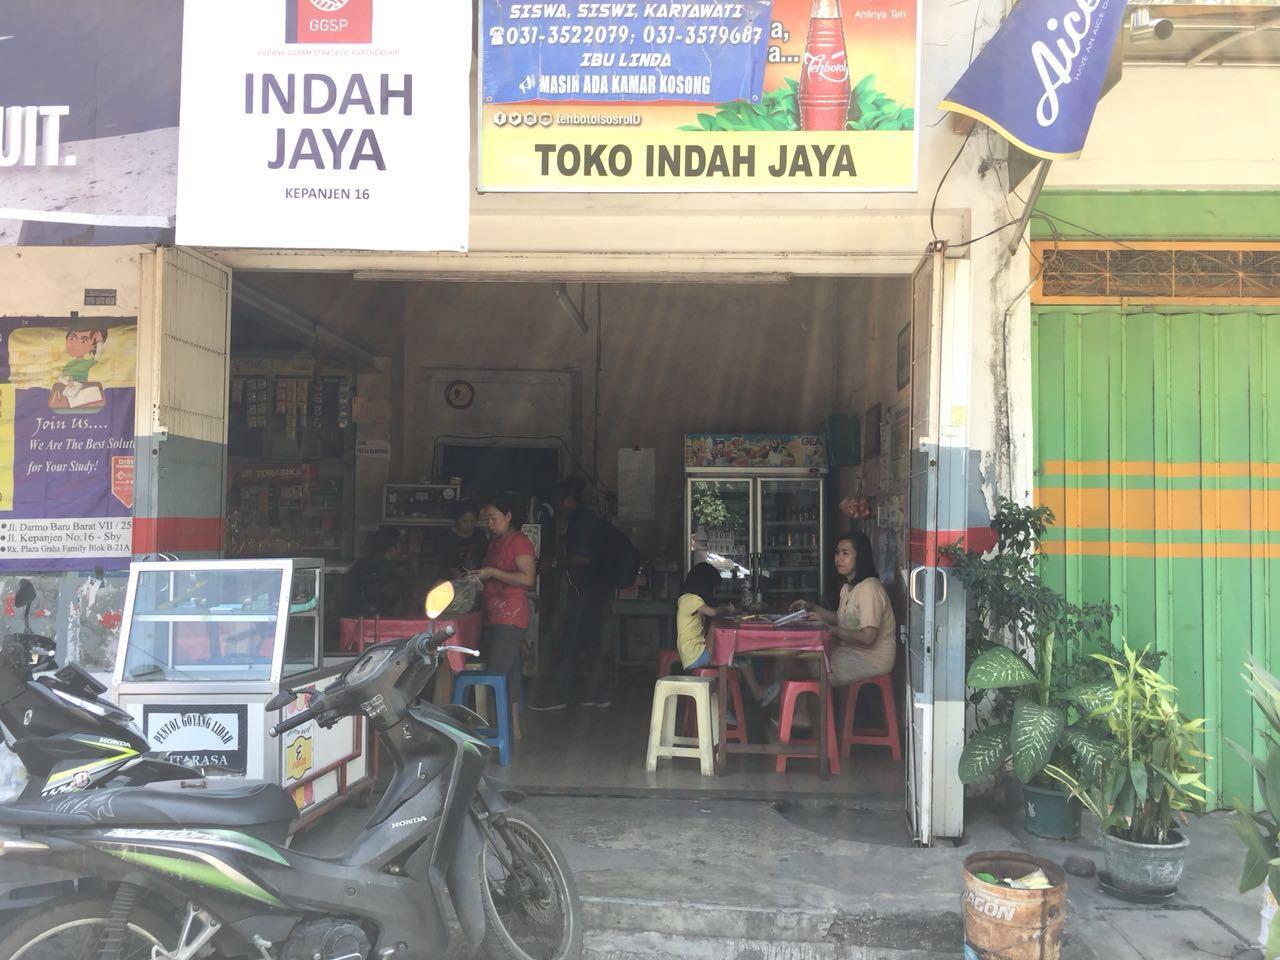 Bom Mapolrestabes Surabaya, Saksi Mata Mengira Ledakan Elpiji